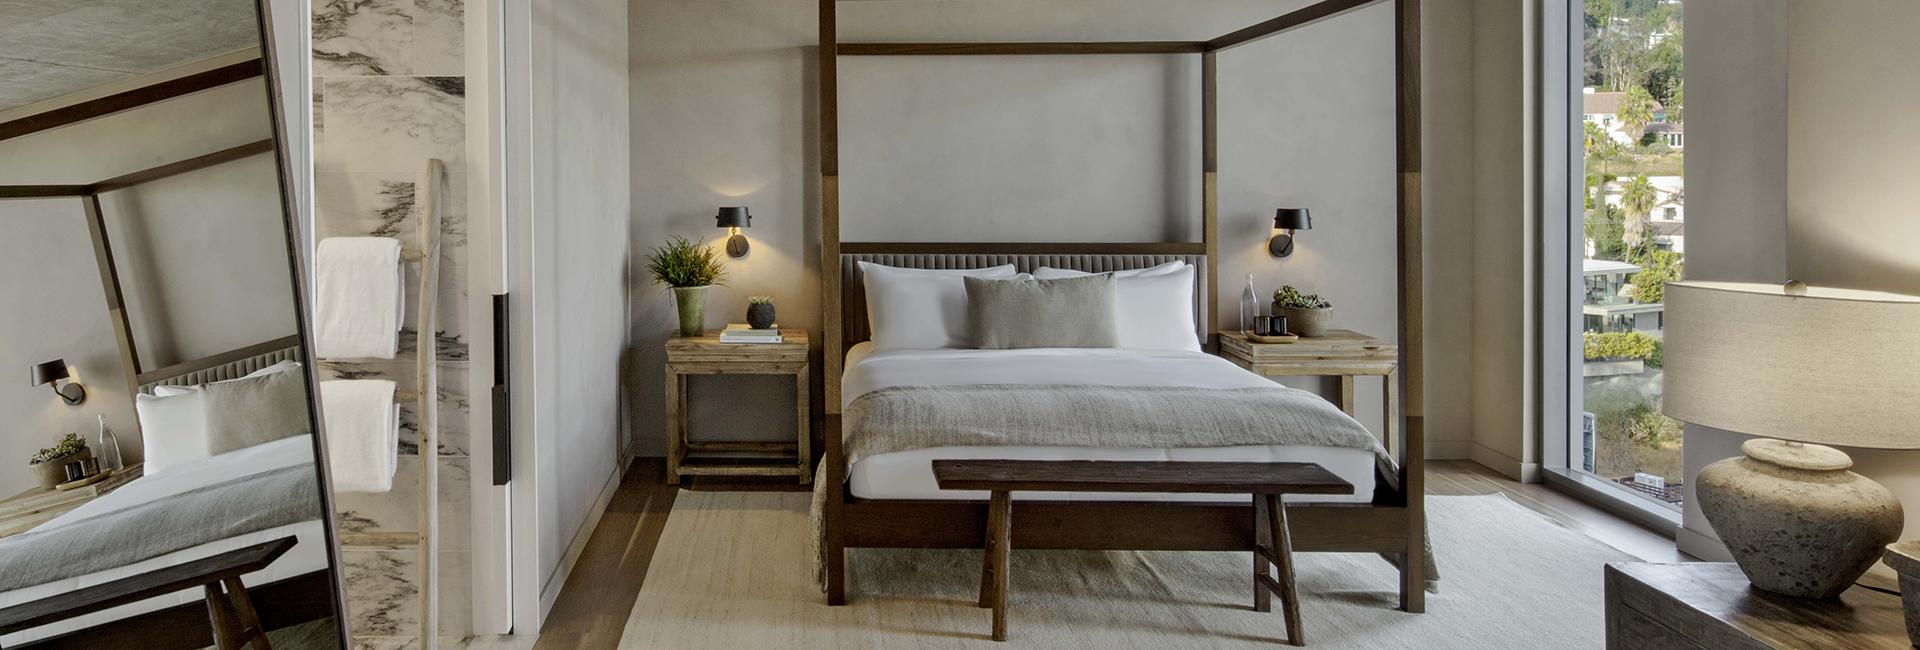 Hills House Bedroom